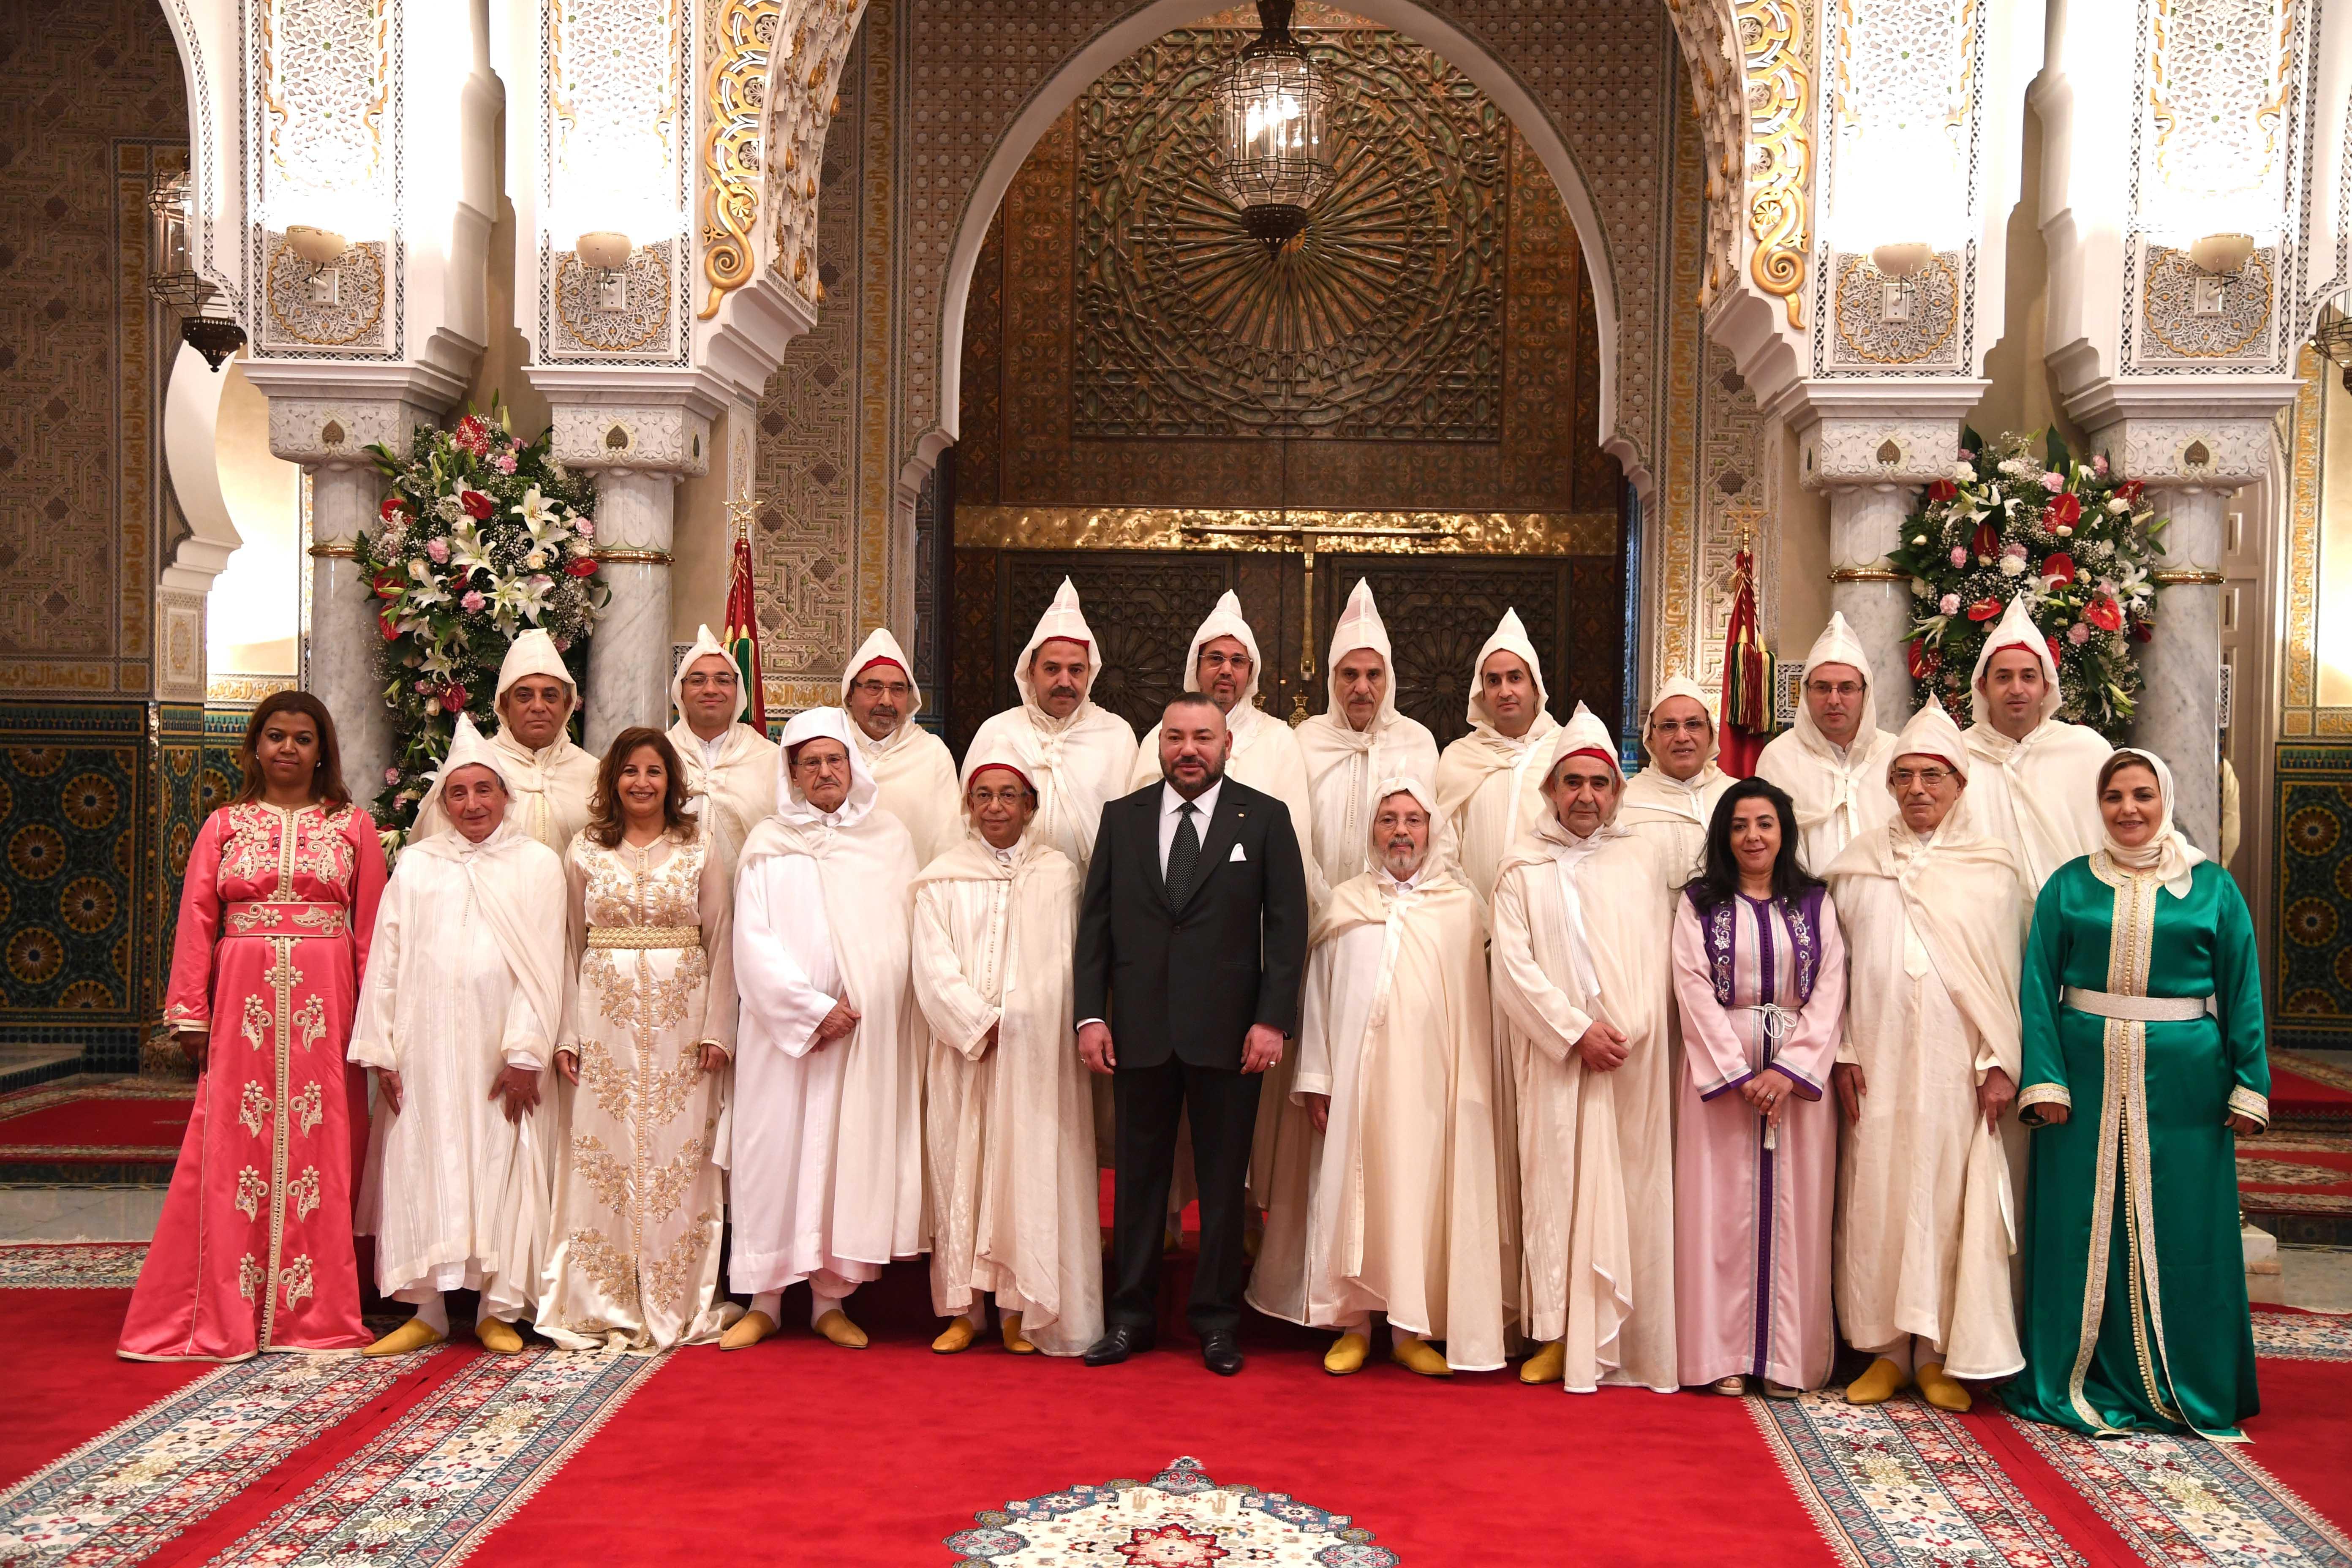 الملك يعيين أعضاء المجلس الأعلى للسلطة القضائية